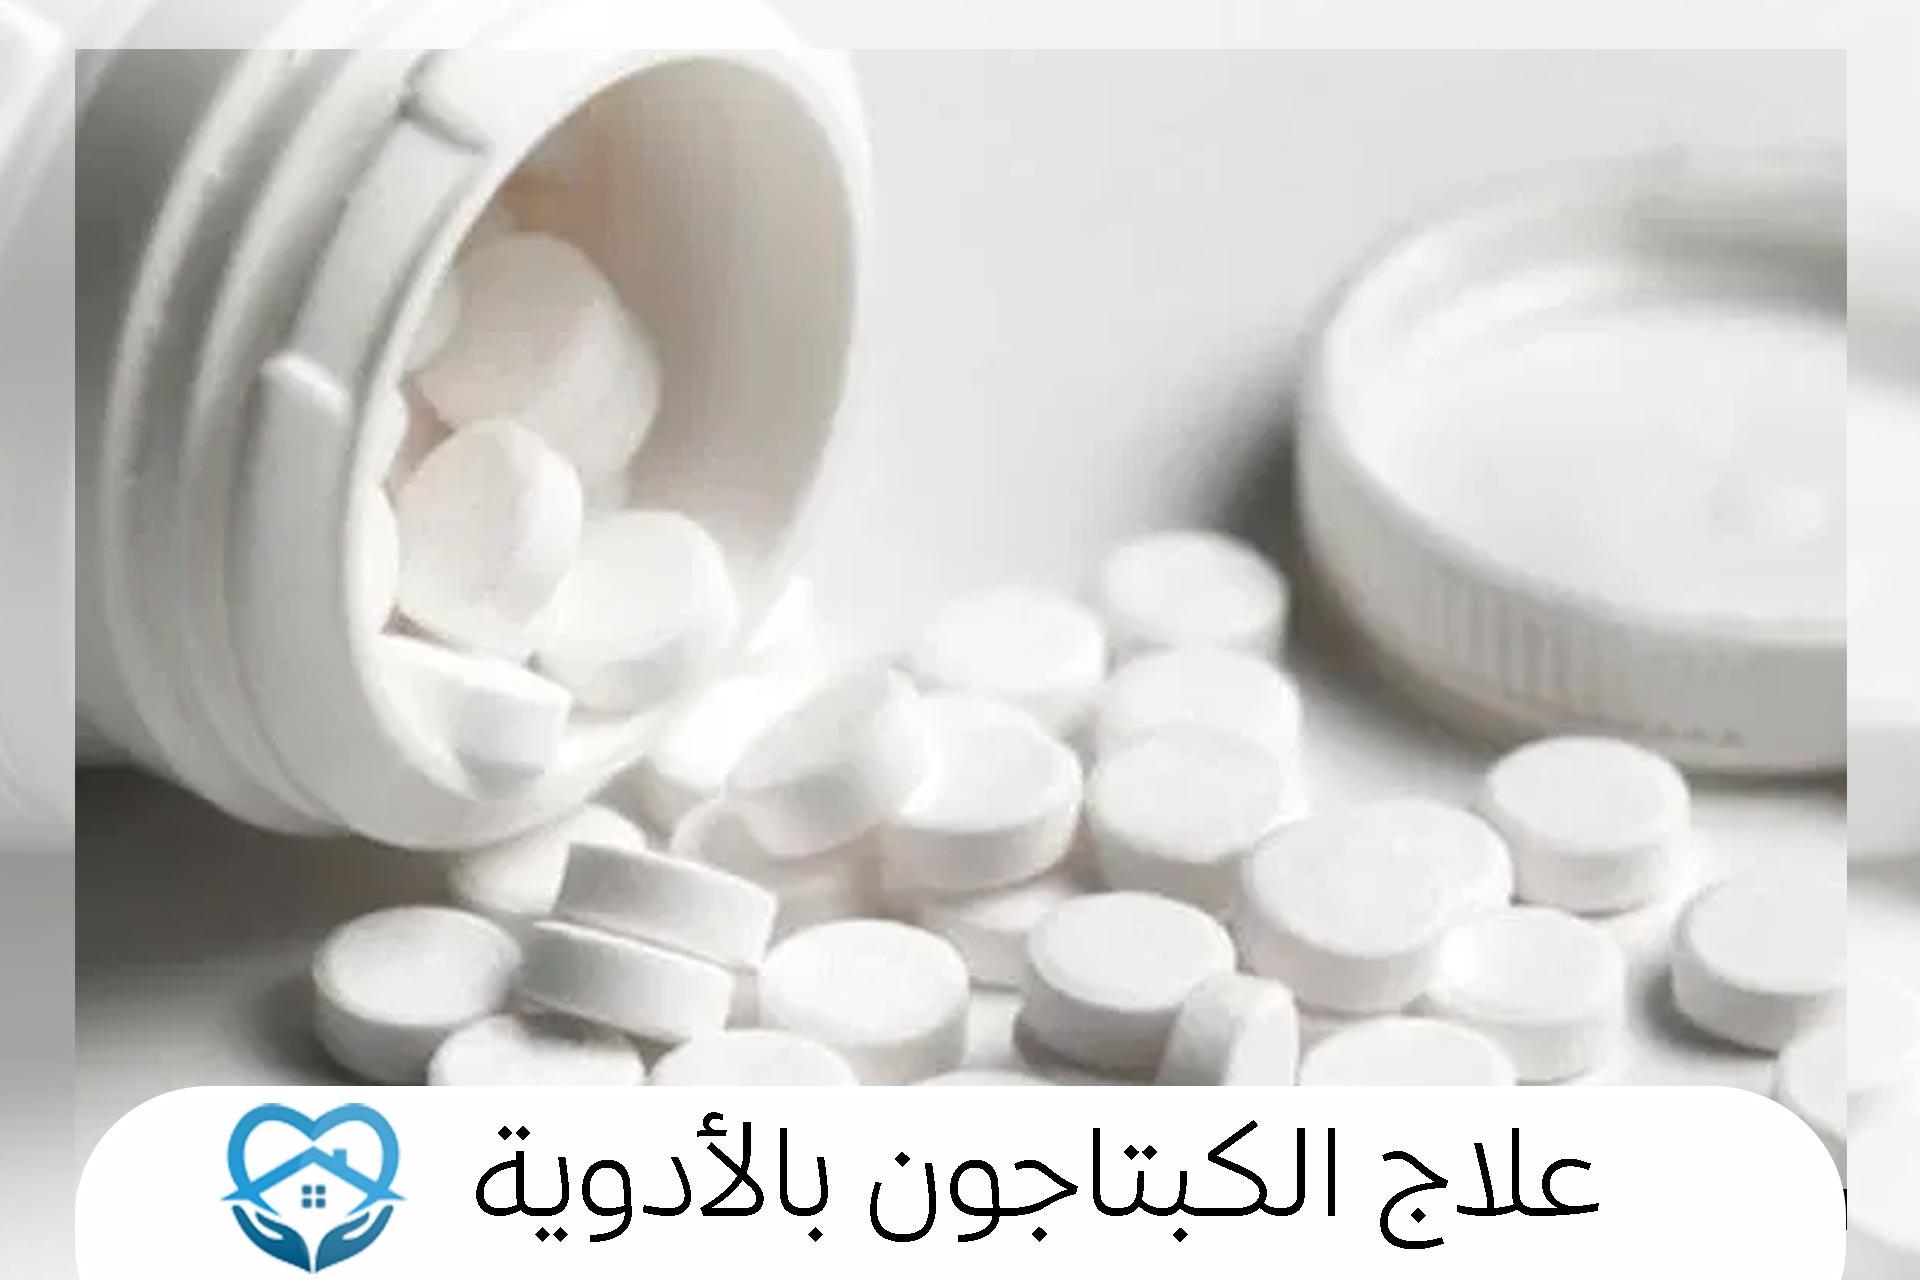 علاج الكبتاجون بالادوية